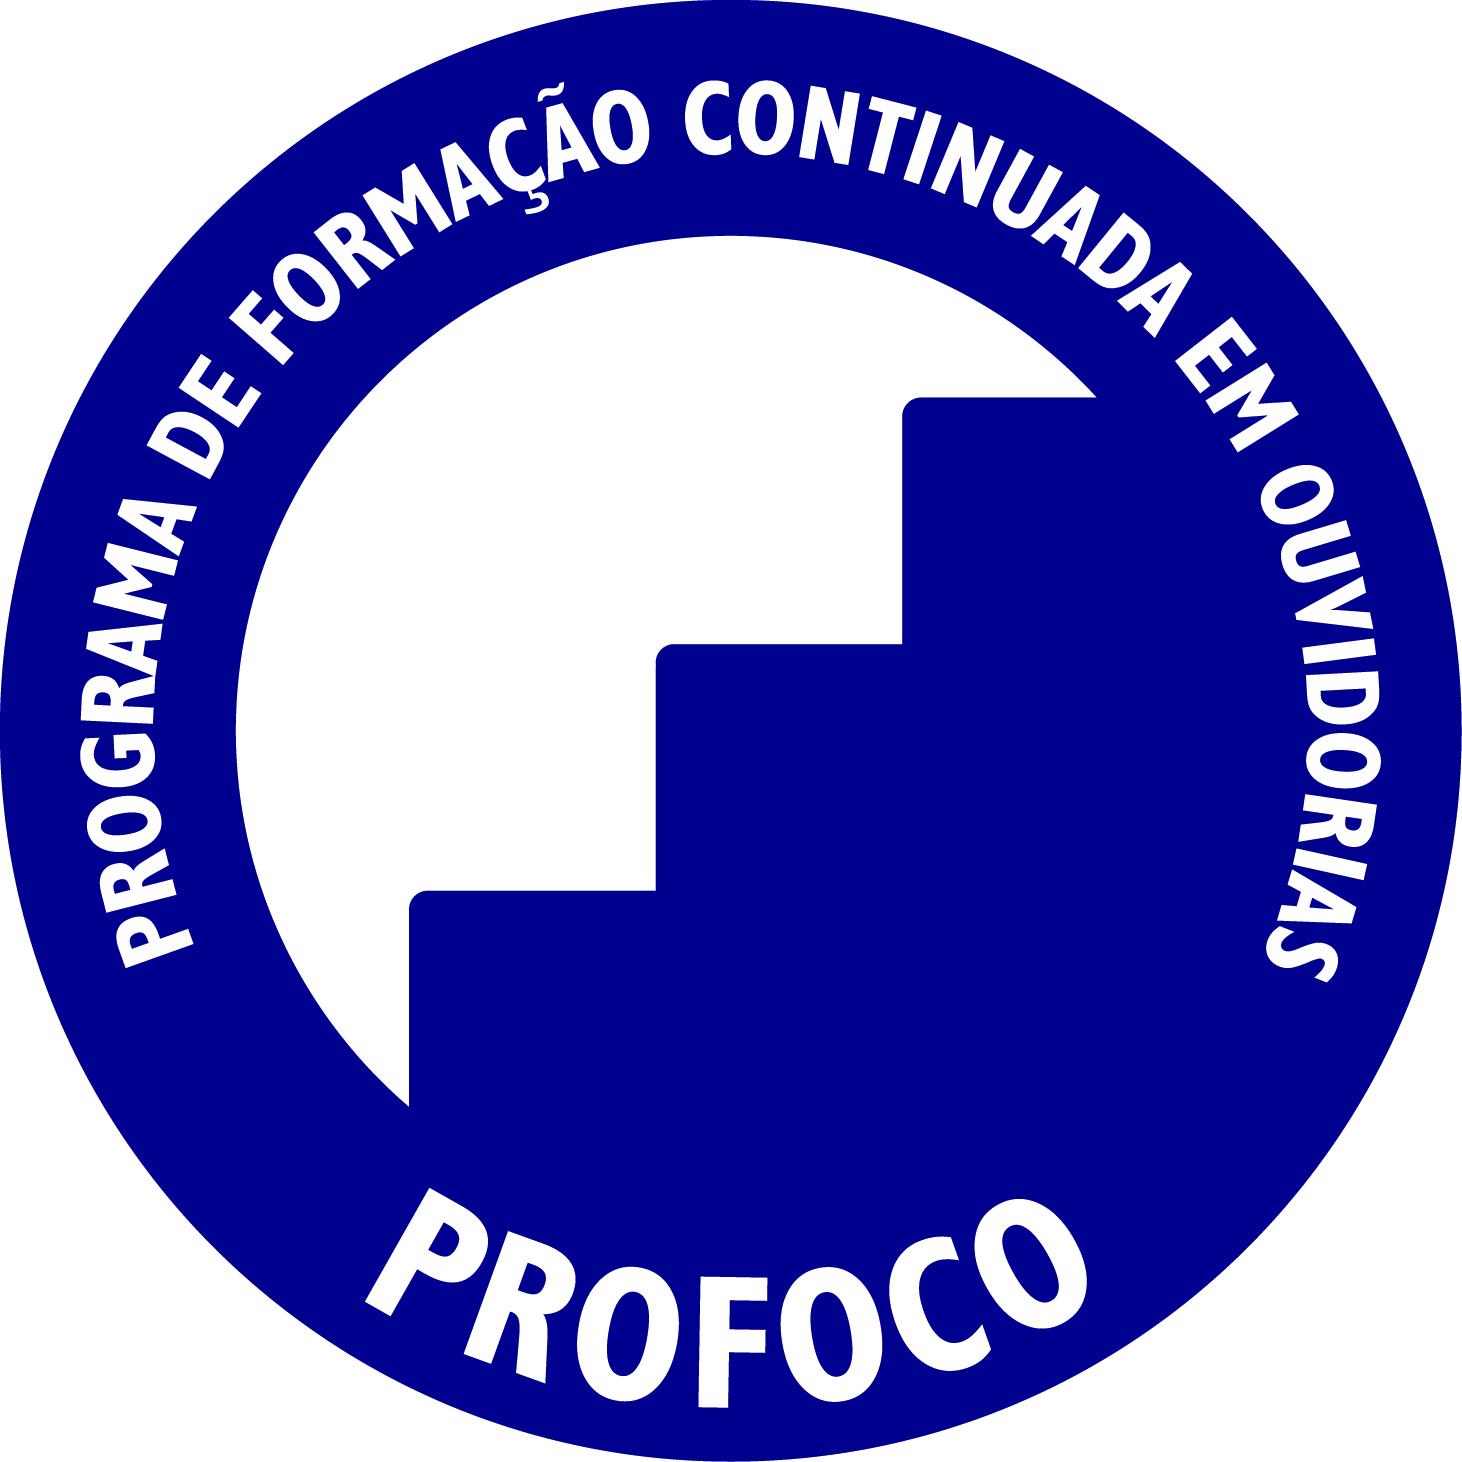 Curso Acesso à Informação, no período de 28 a 30 de agosto de 2018, na cidade de Palmas/TO